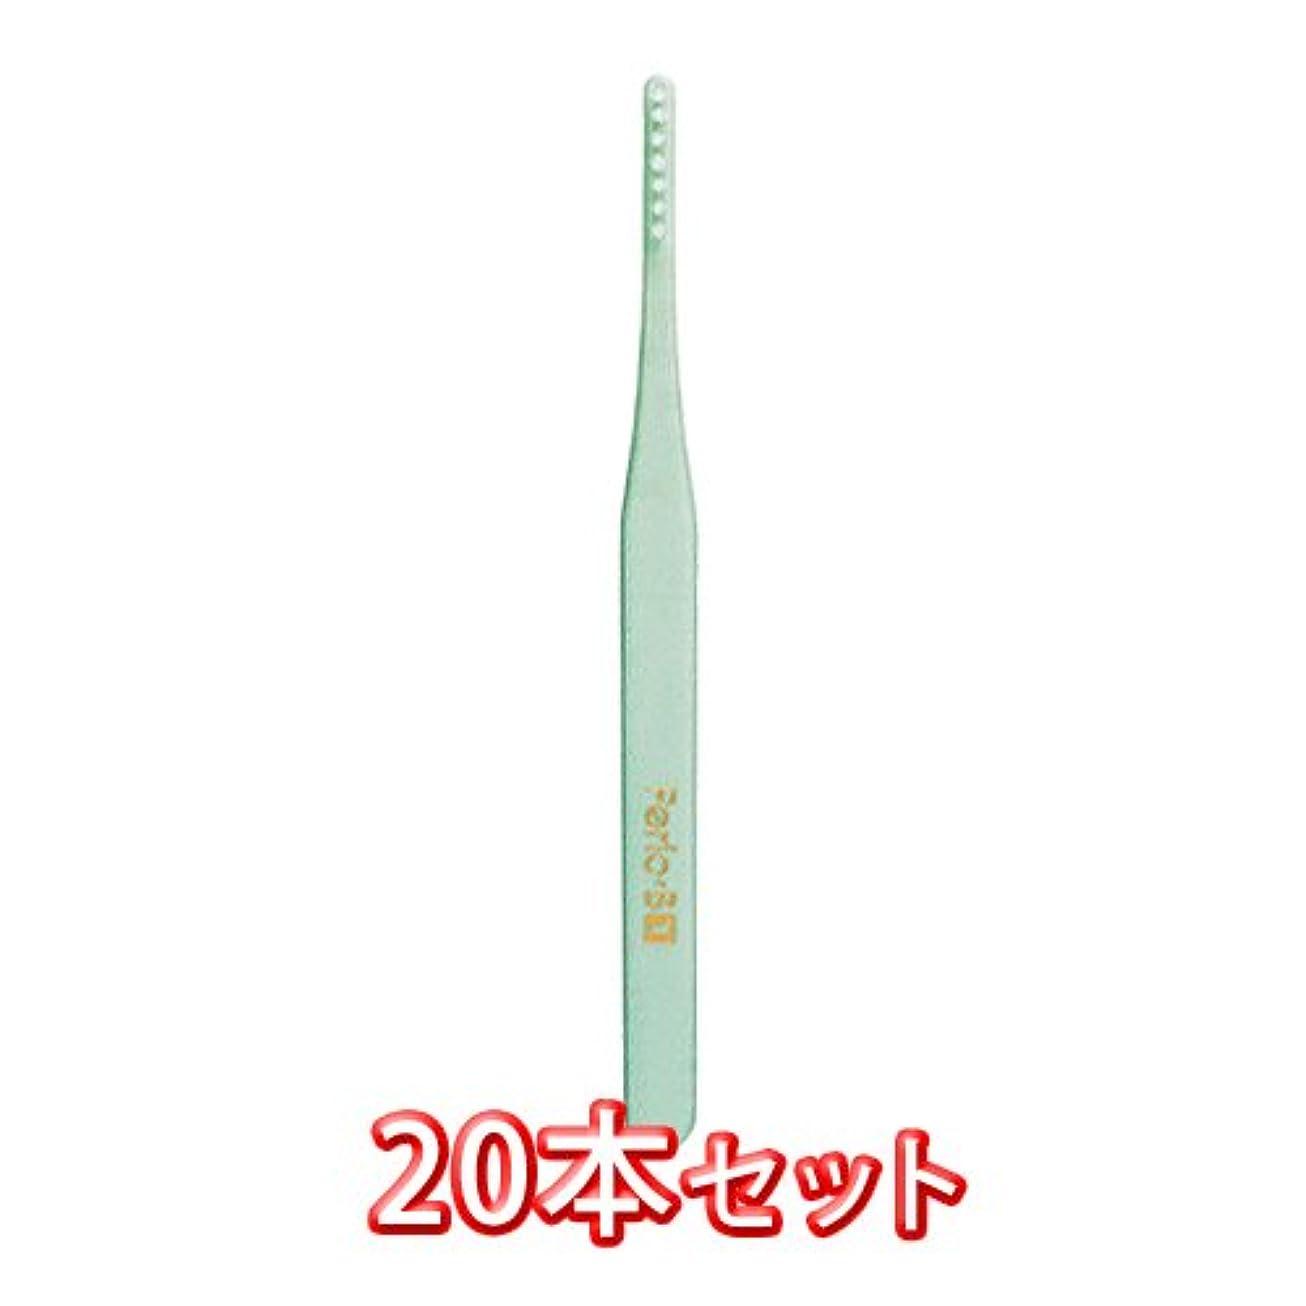 繁栄する飲食店然としたサンスター ペリオ歯ブラシ 20本入 ぺリオB1